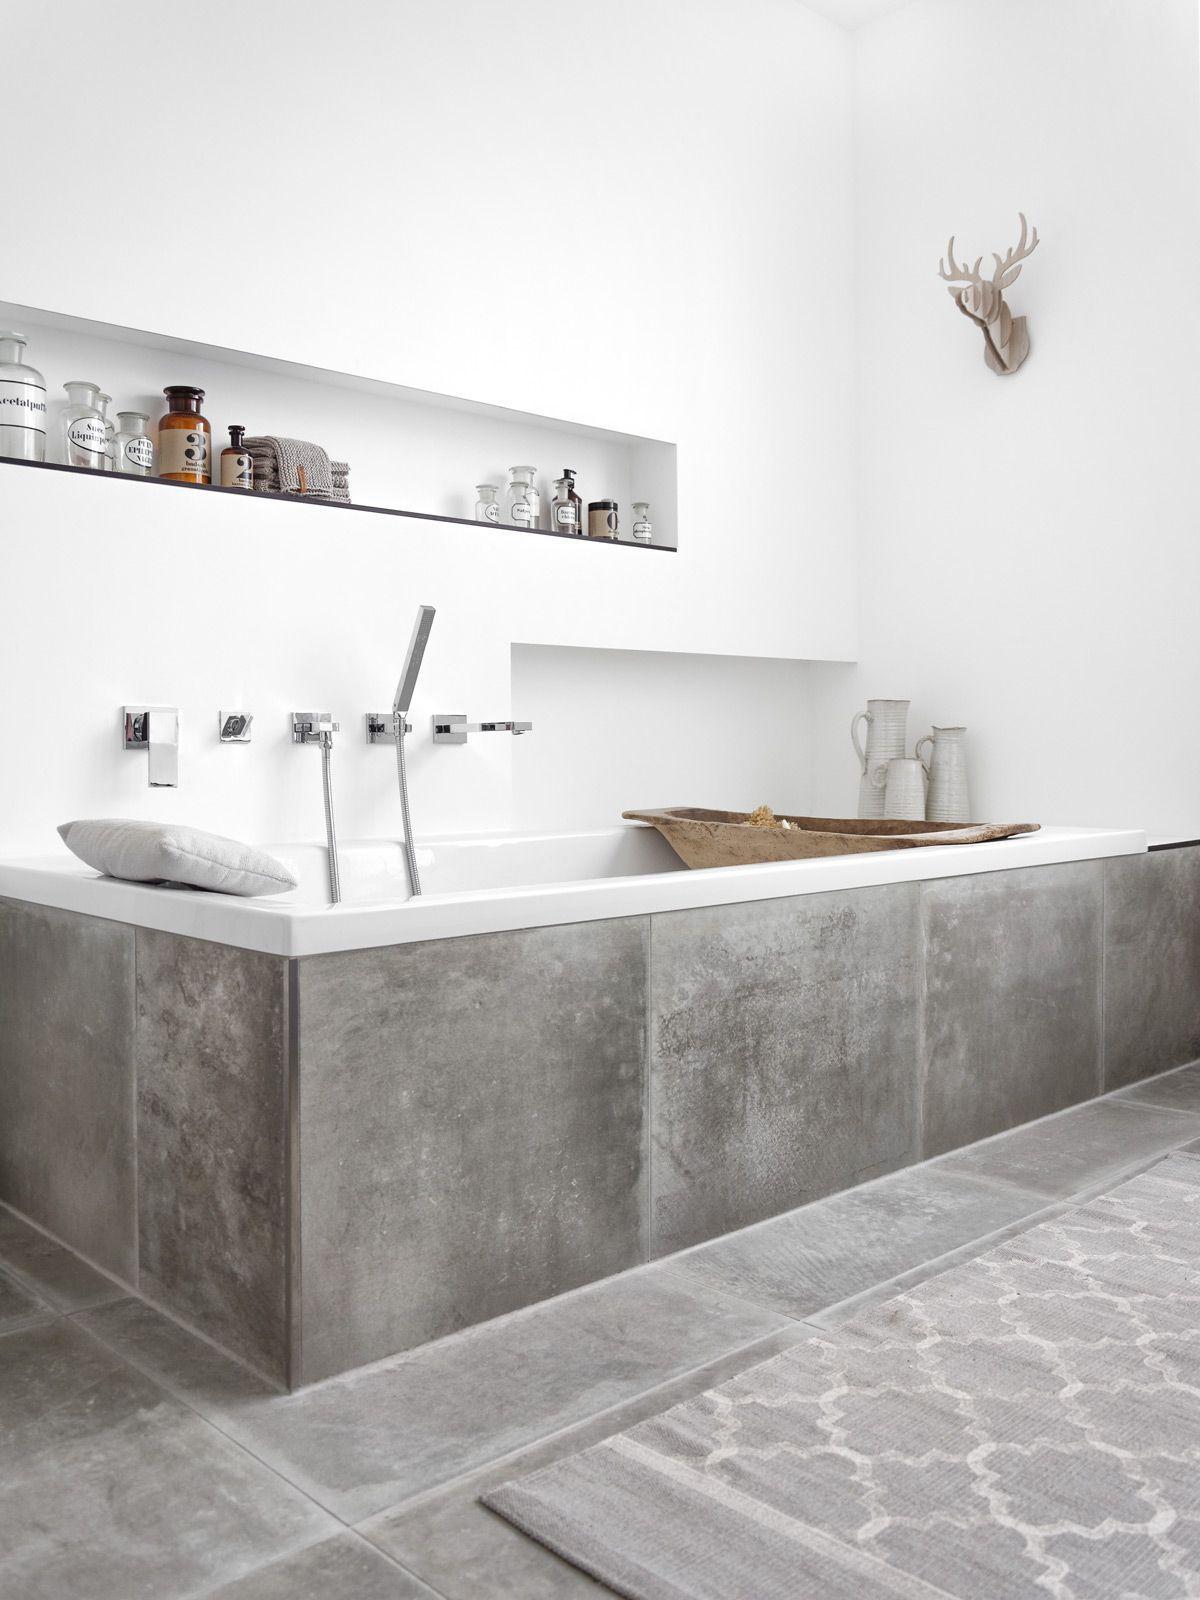 Mit Schonen Accessoires Wird Das Badezimmer Gleich Noch Wohnlicher